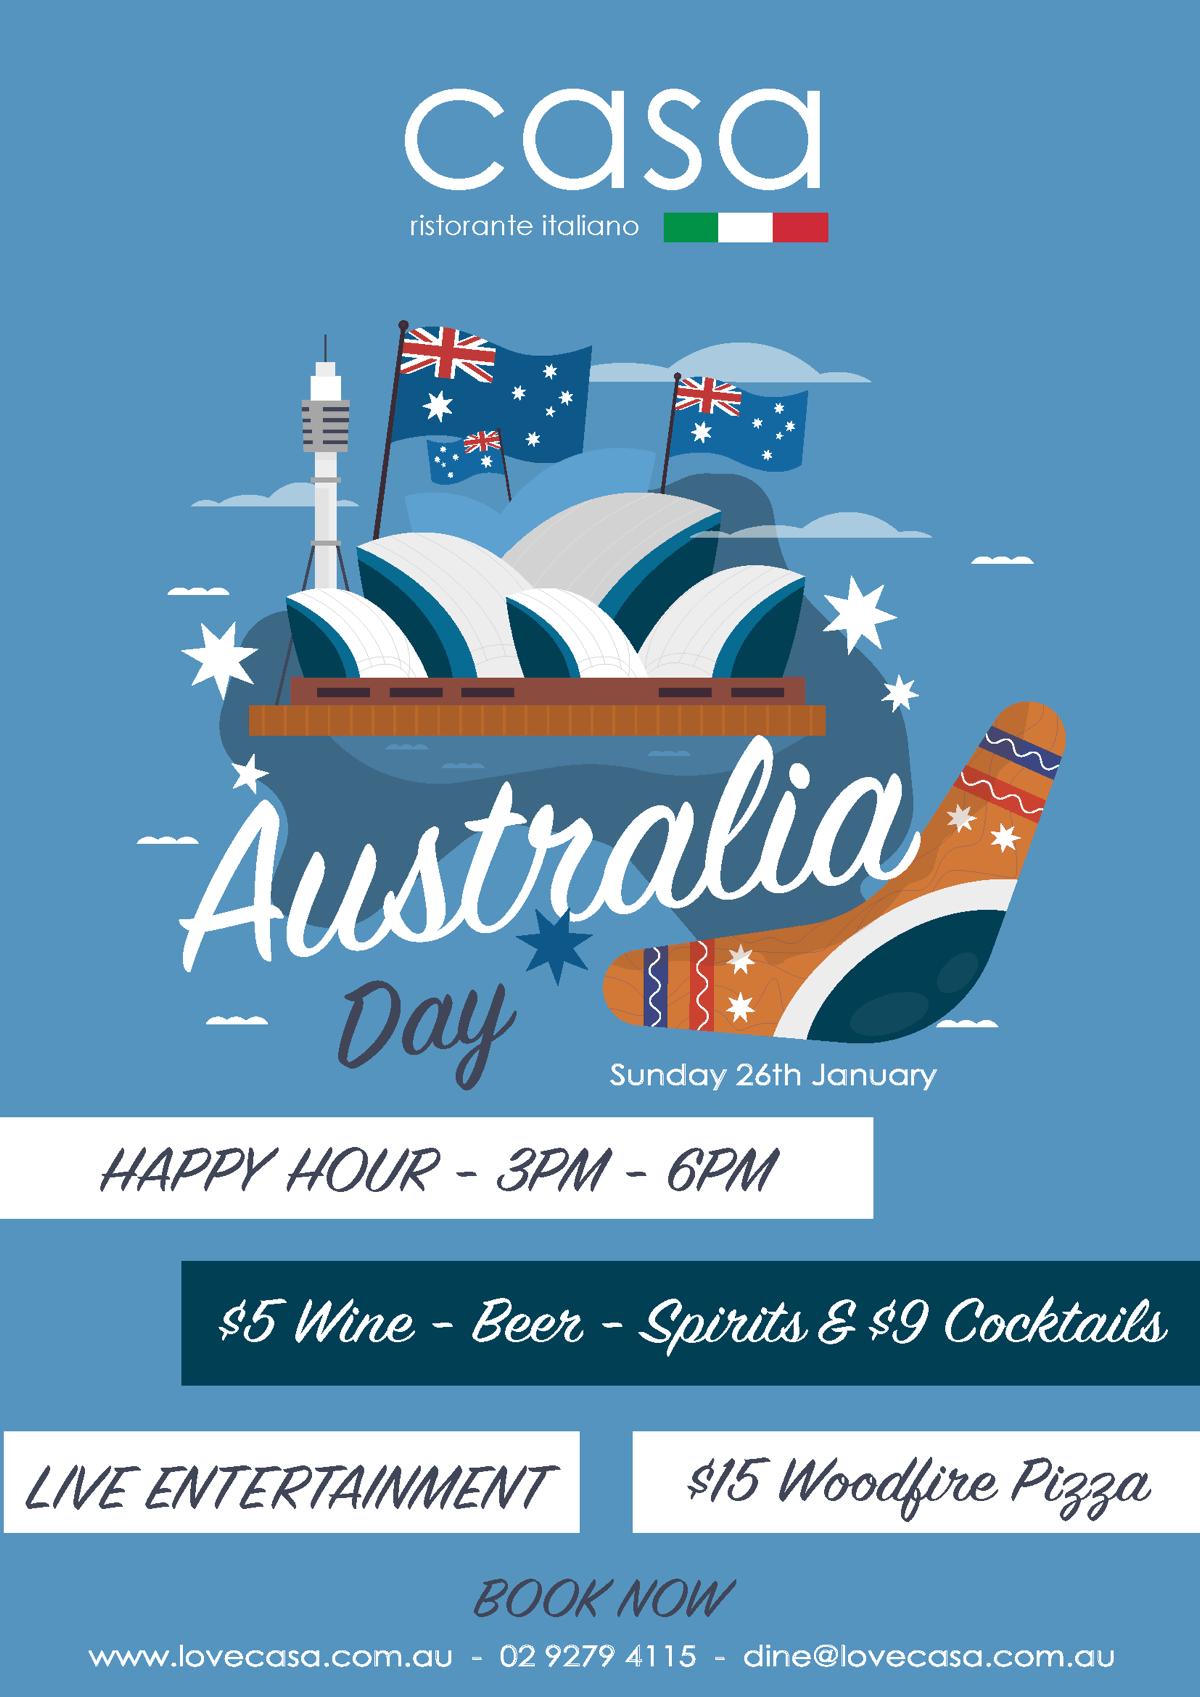 Australia-Day 2020 at Casa Restaurant King St Wharf